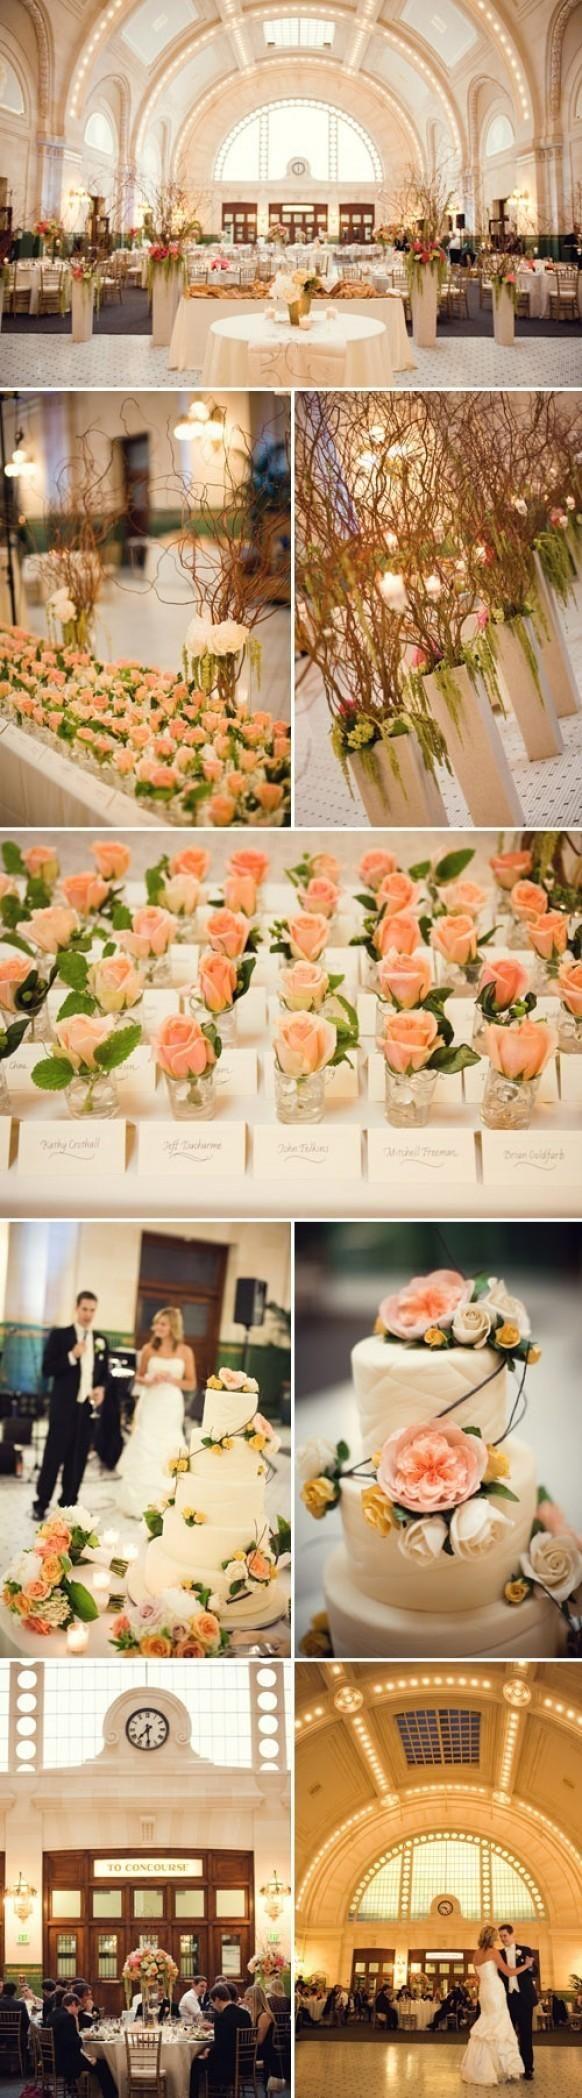 Peach dettagli sono perfetti complementi per l'atmosfera romantica di nozze, fotografia di Stephanie Cristalli